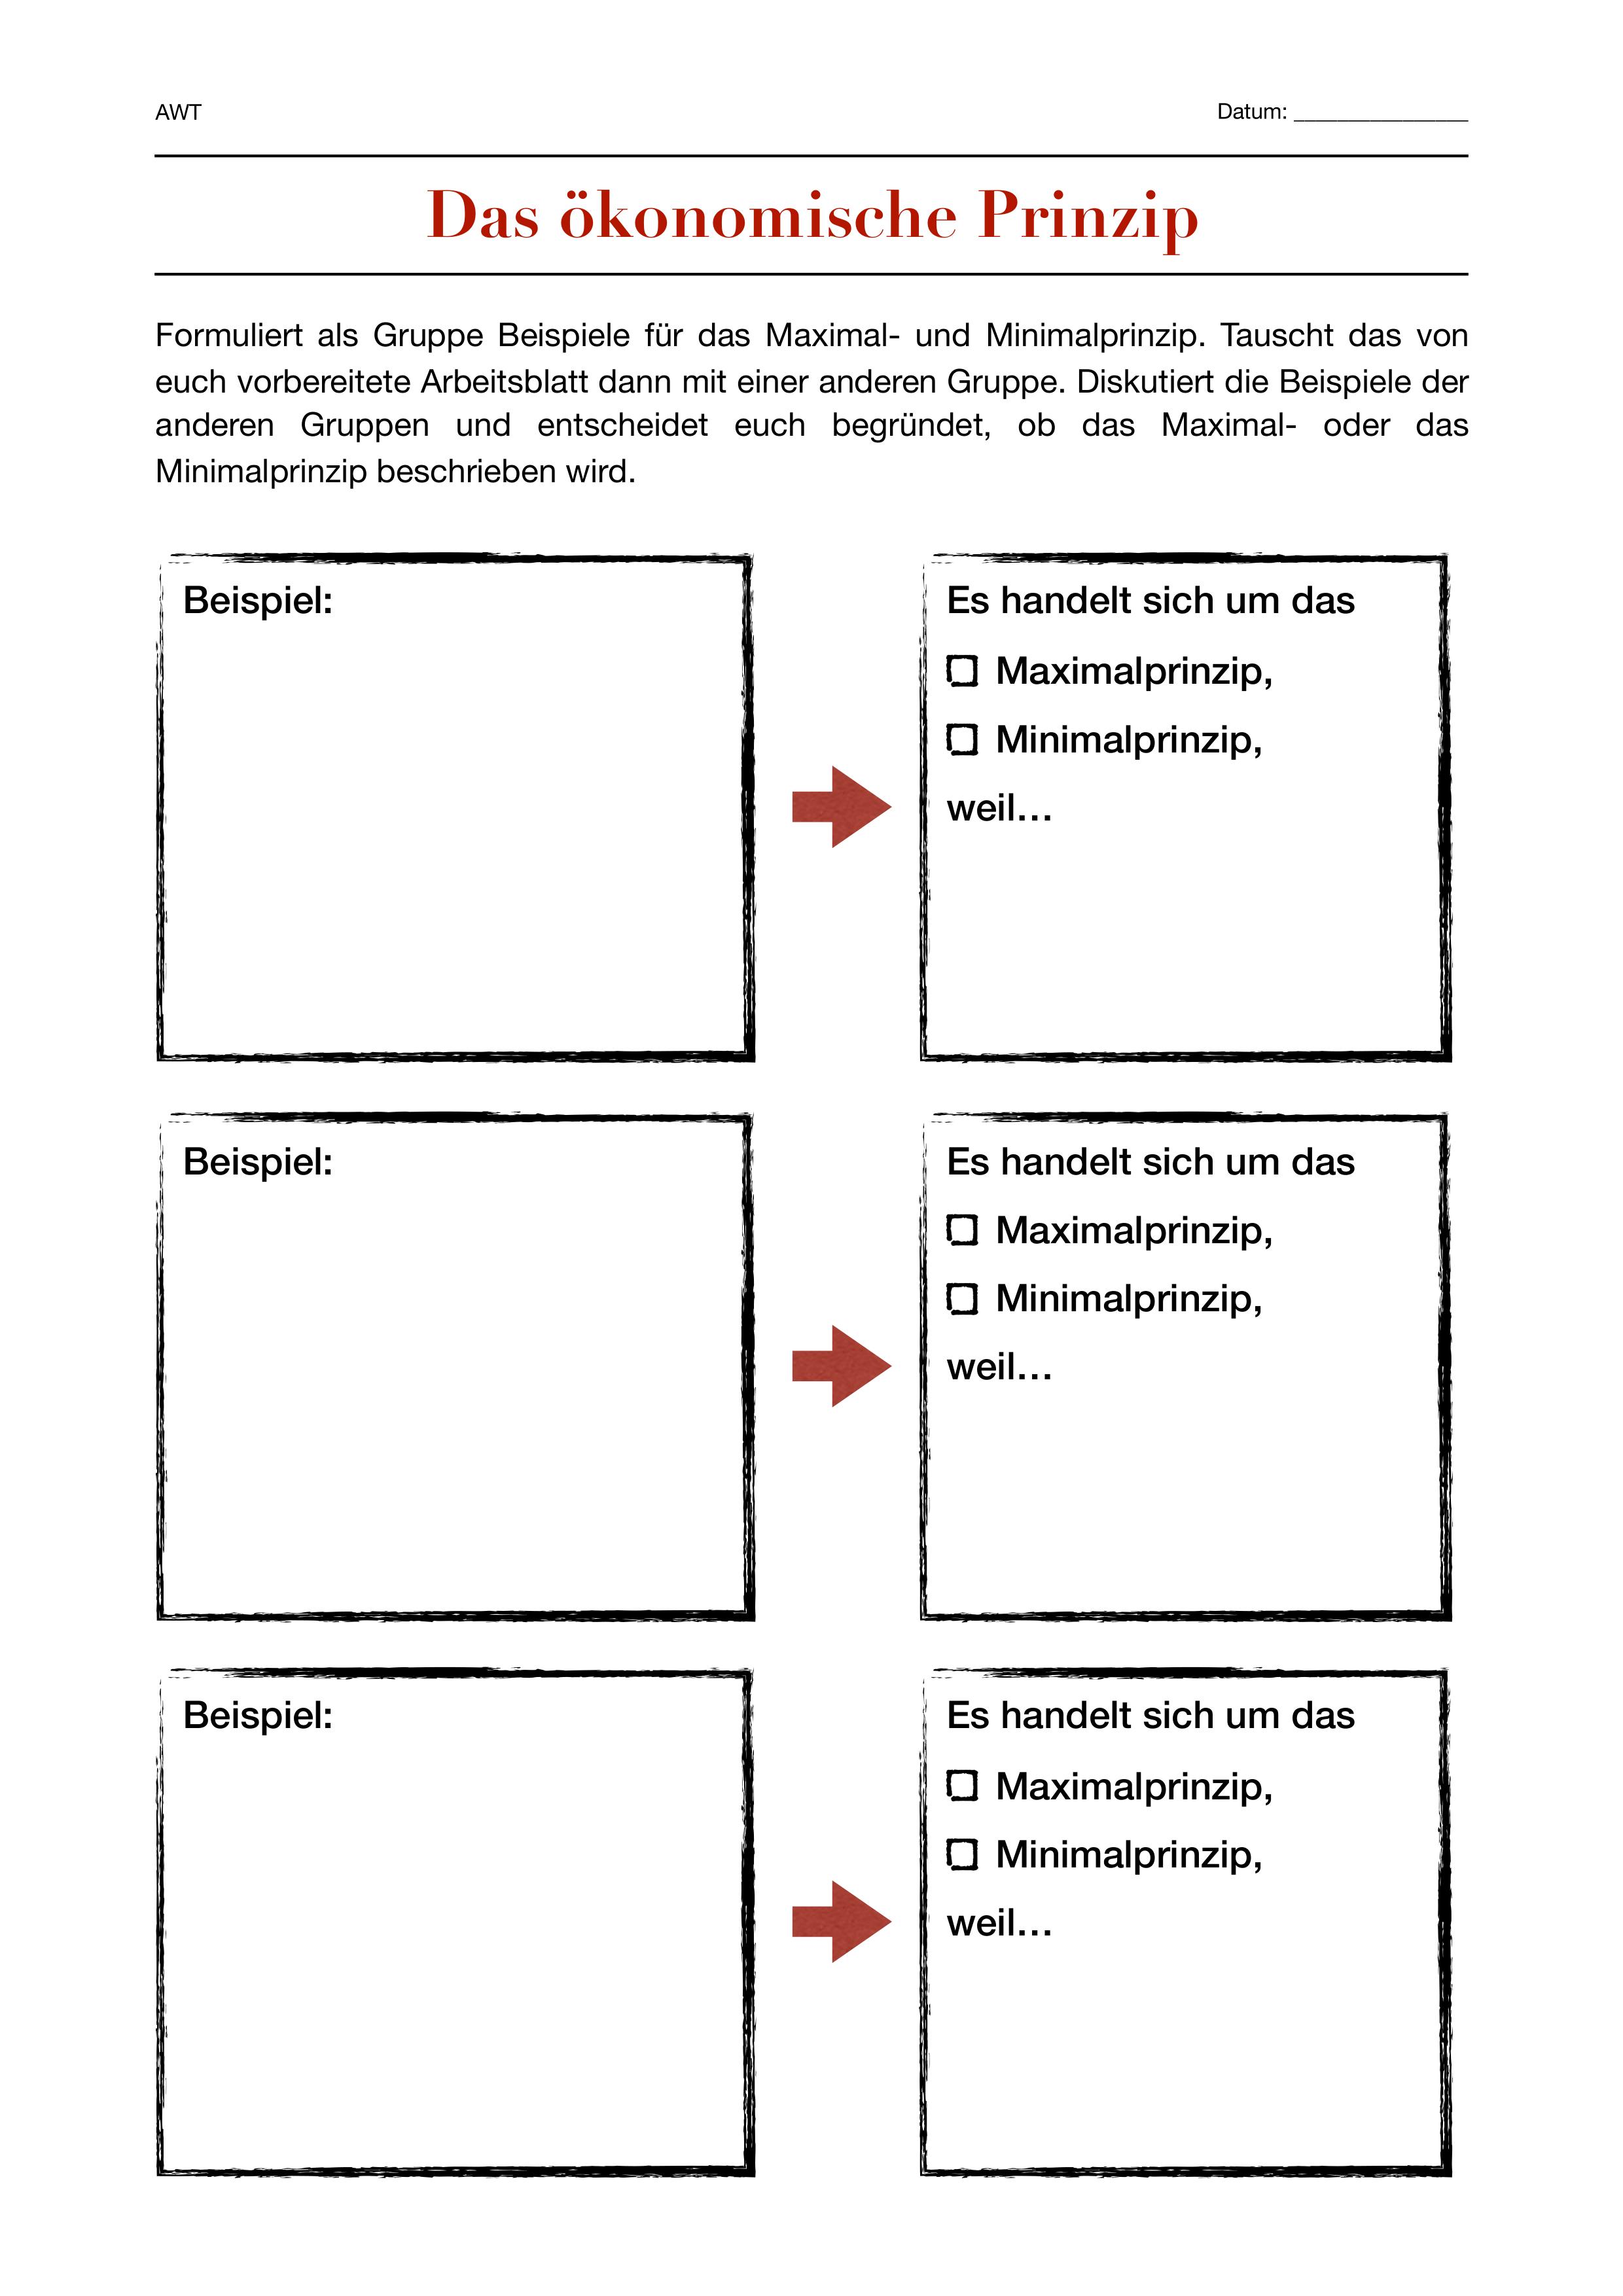 Das Okonomische Prinzip Unterrichtsmaterial Im Fach Wirtschaft In 2020 Prinzipien Kenntnisse Unterrichtsmaterial